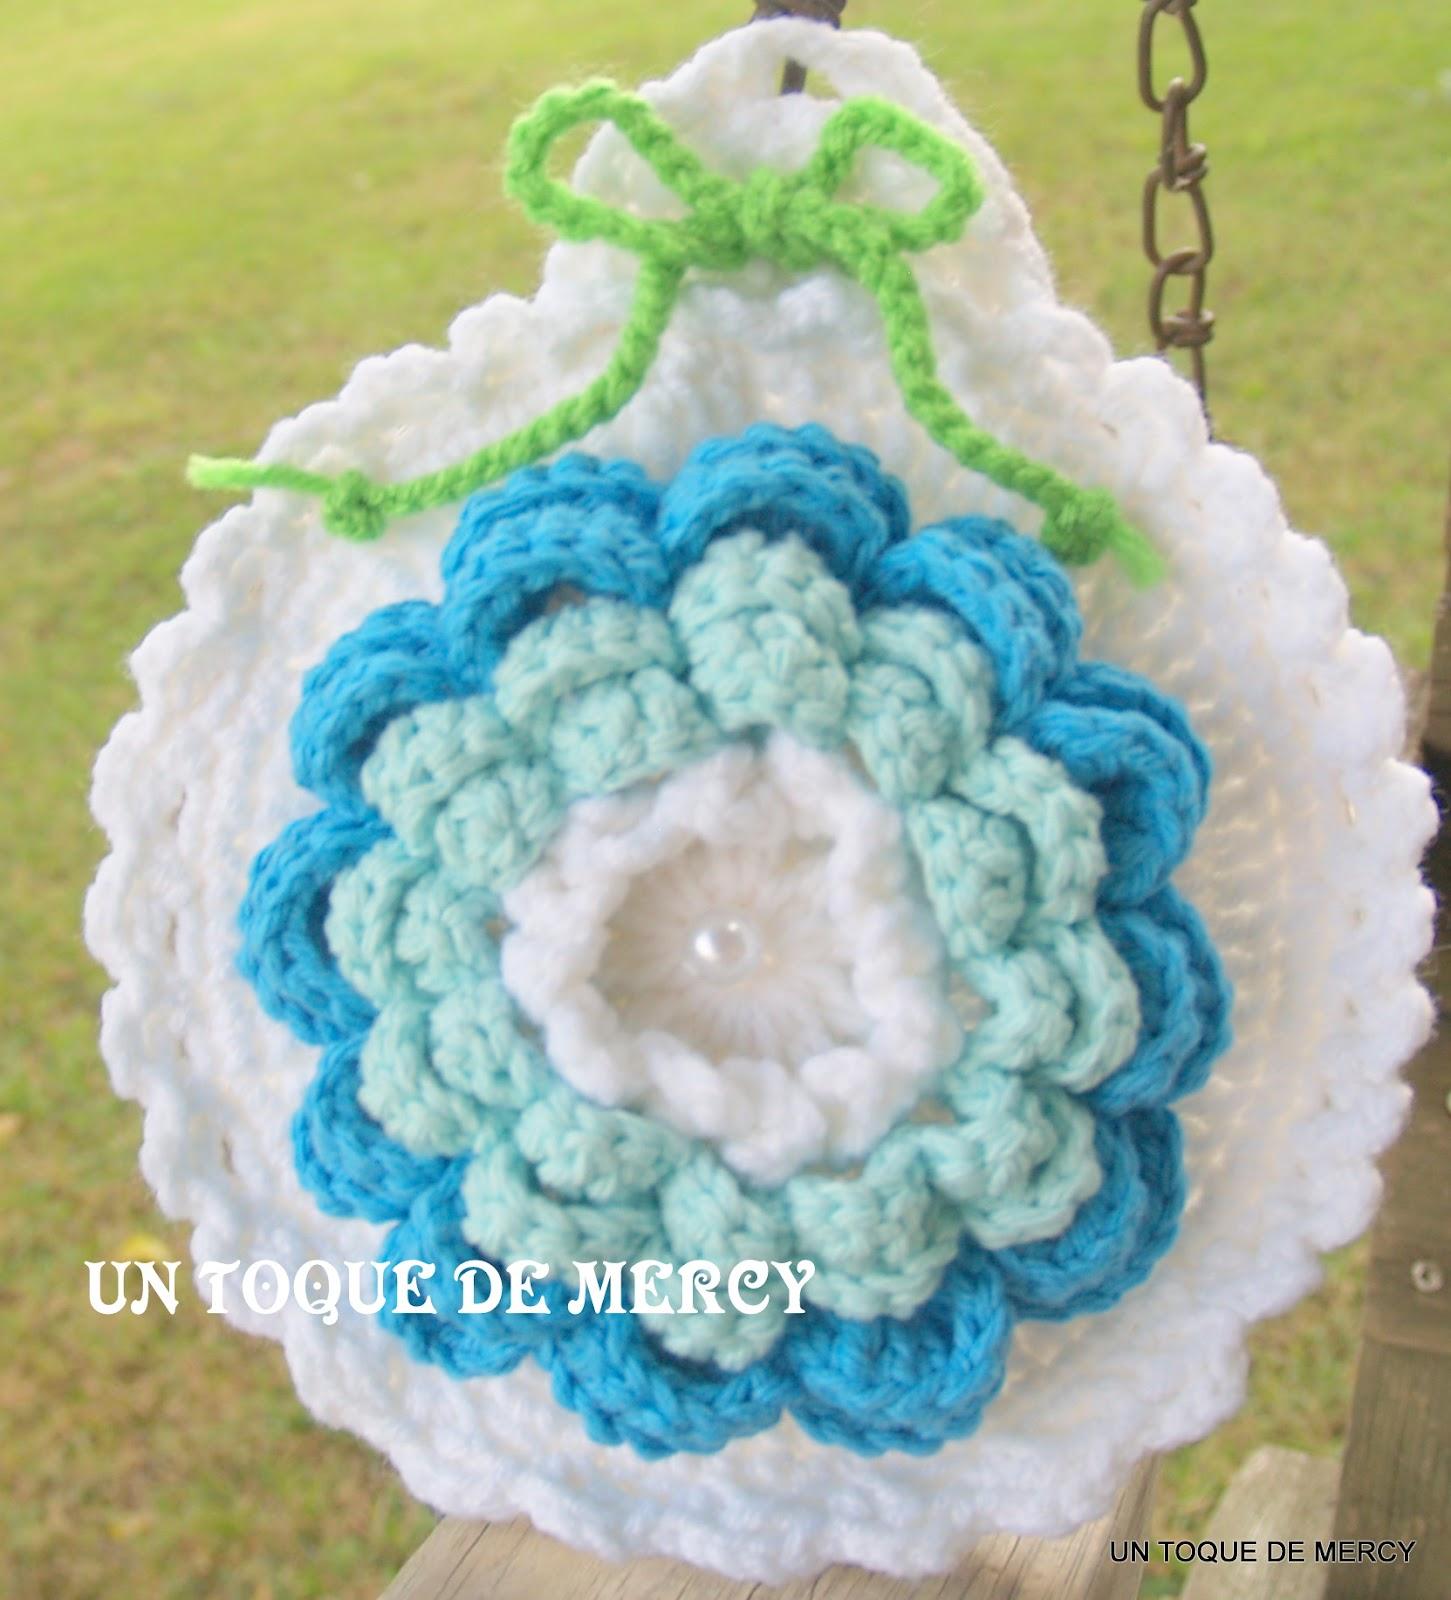 Set De Baño En Crochet Con Una Aguja:Un Toque De Mercy Accesorios Para Nino